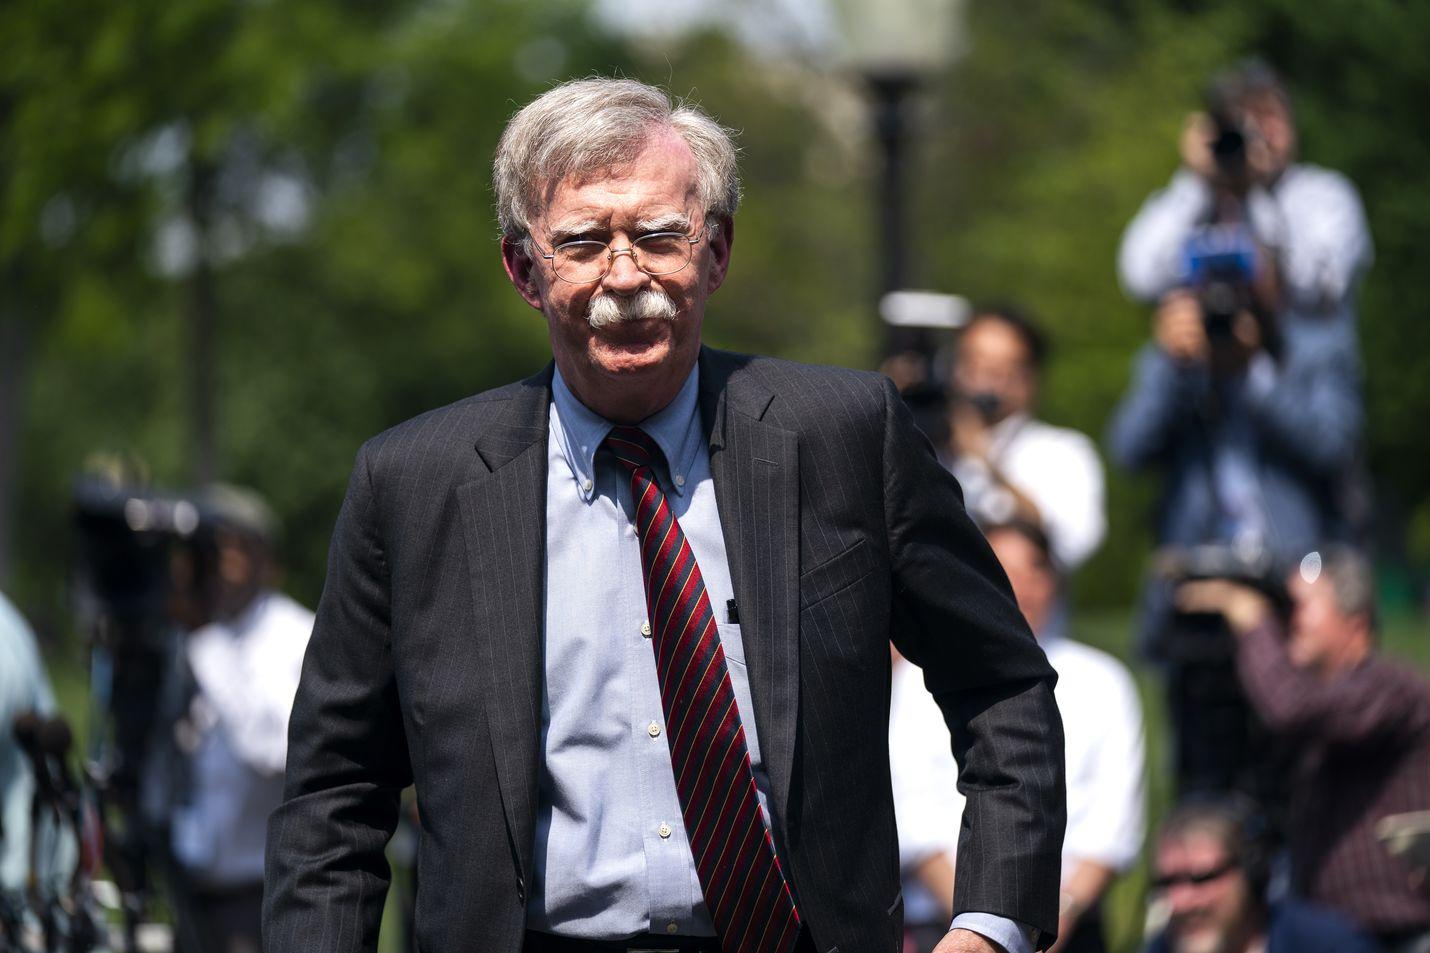 Kovan ulkopoliittisen linjan mies ja jopa sotahaukaksi sanottu John Bolton sai lähteä.